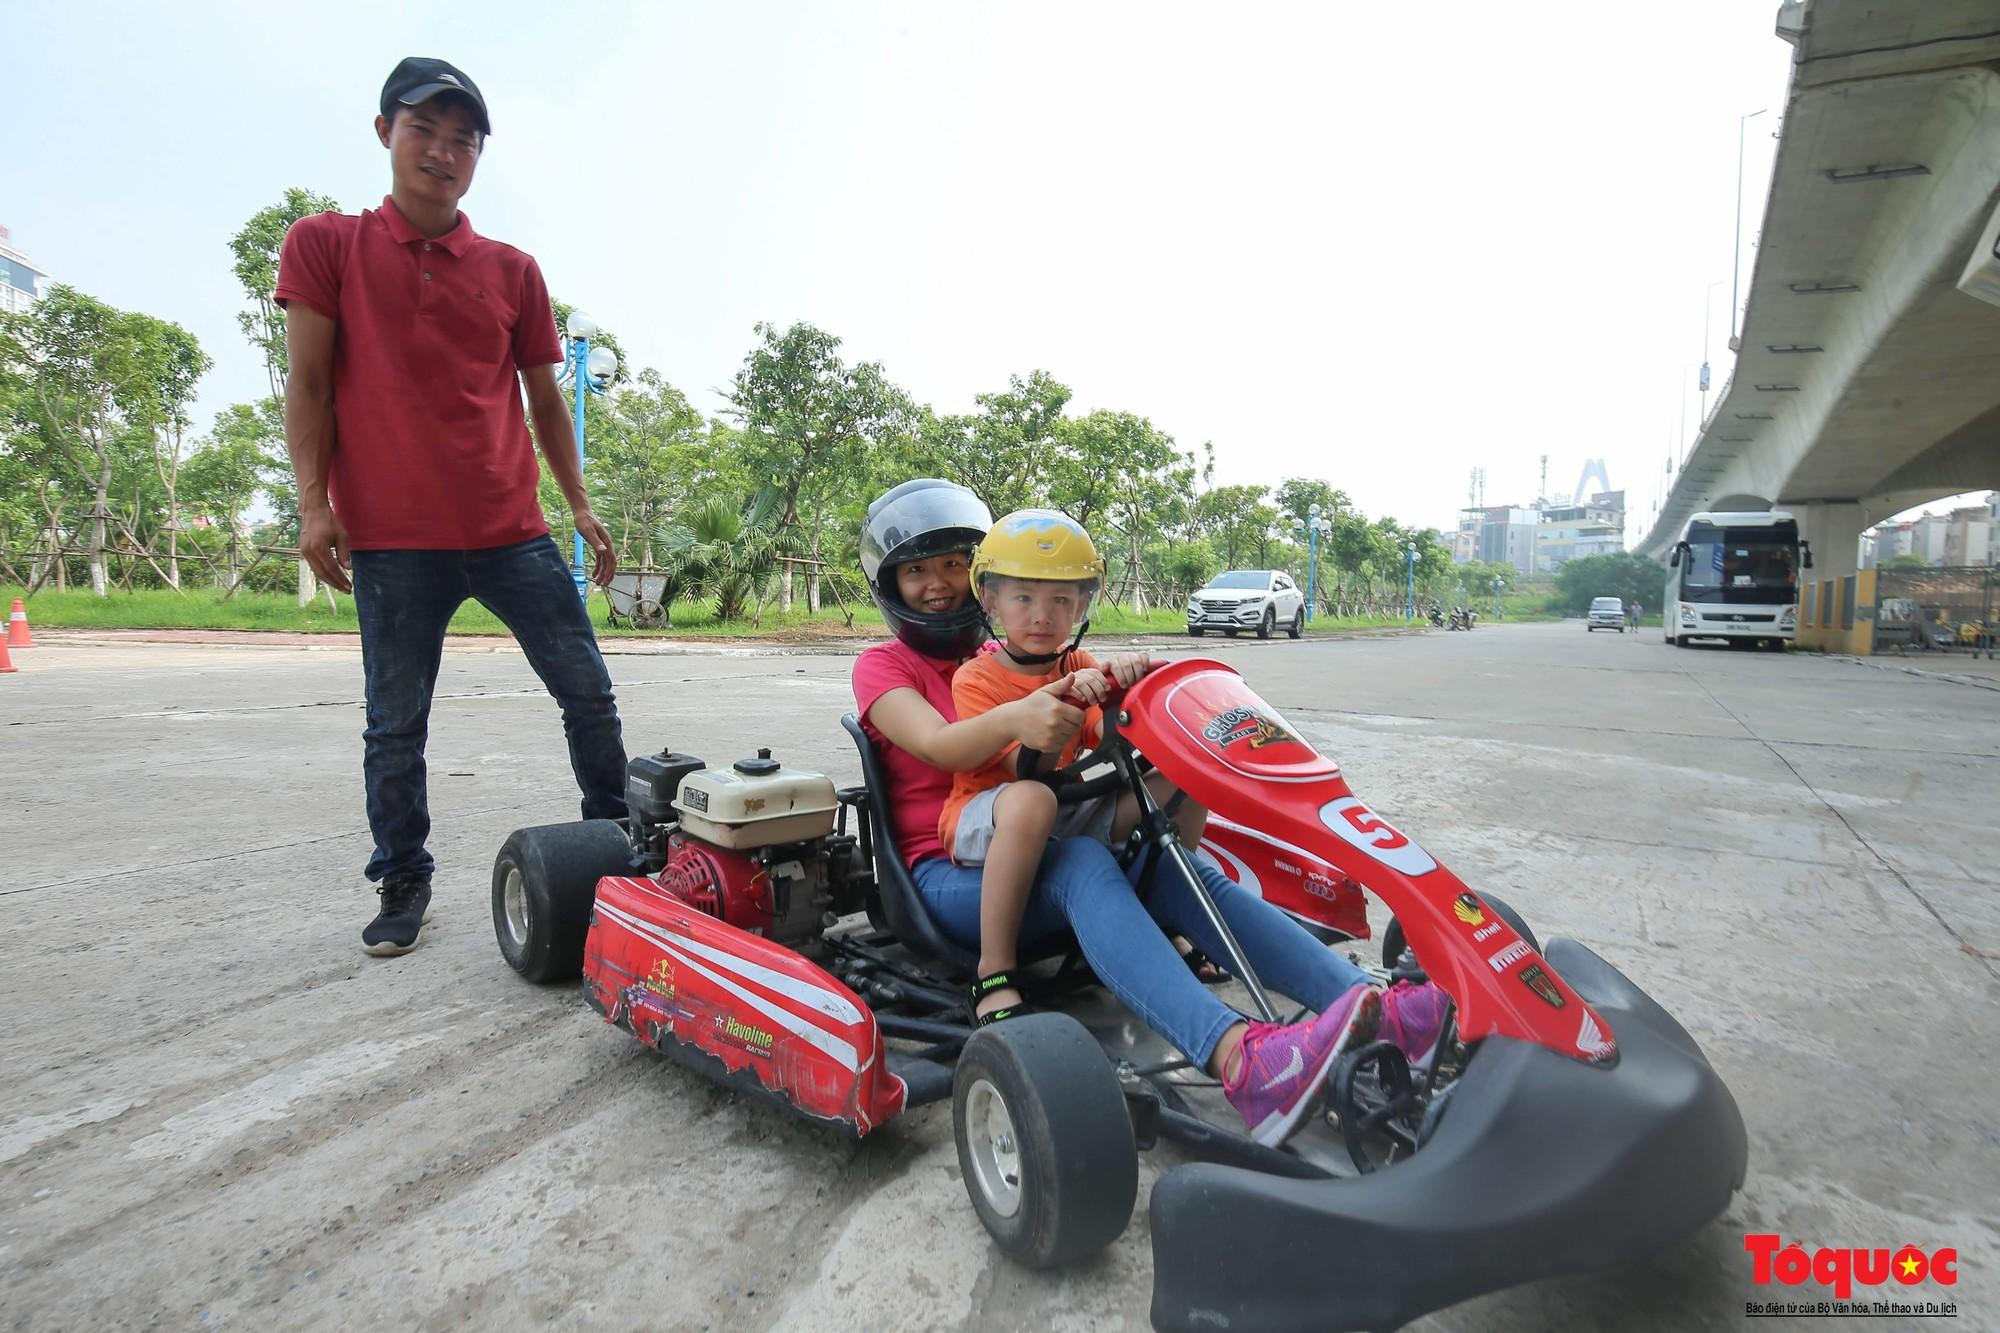 Lò đào tạo các tay đua F1 nhí đầu tiên tại Hà Nội (23)